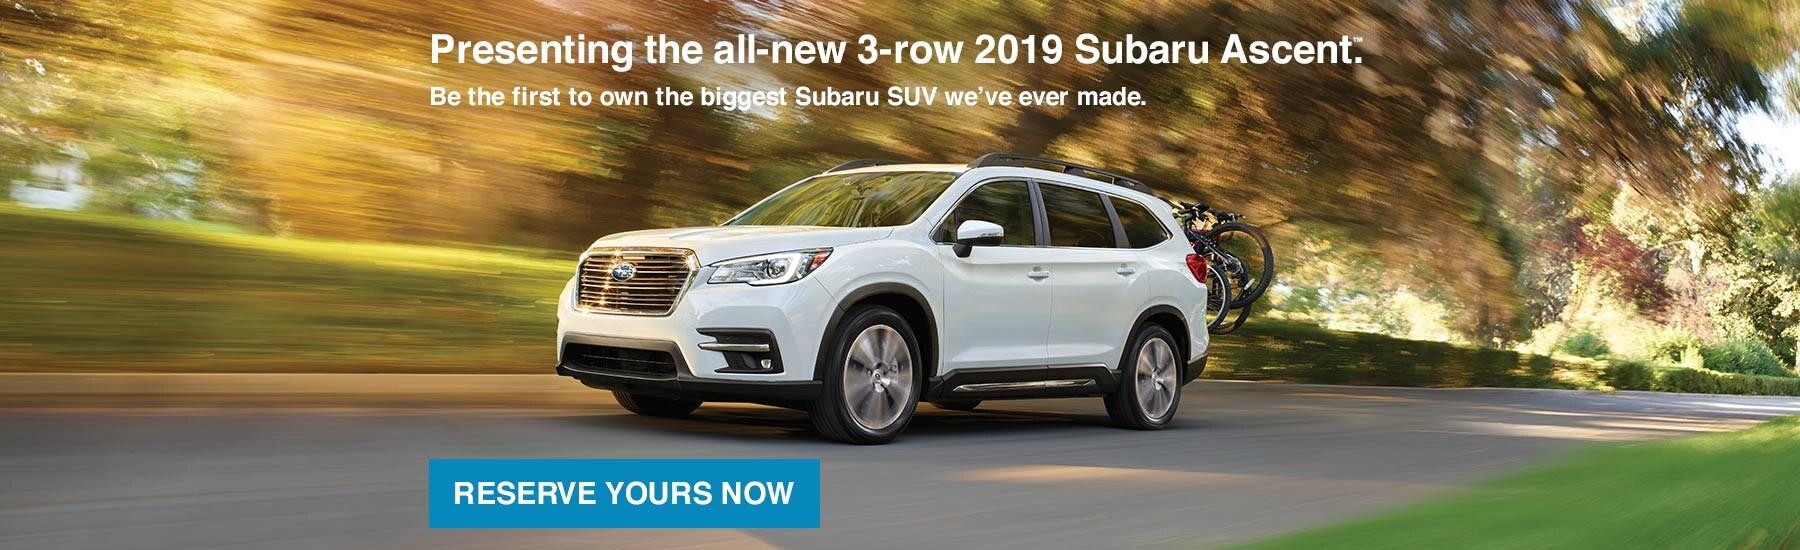 Subaru Dealers Nj >> New Used Subaru Dealer Nj Richard Lucas Subaru Avenel